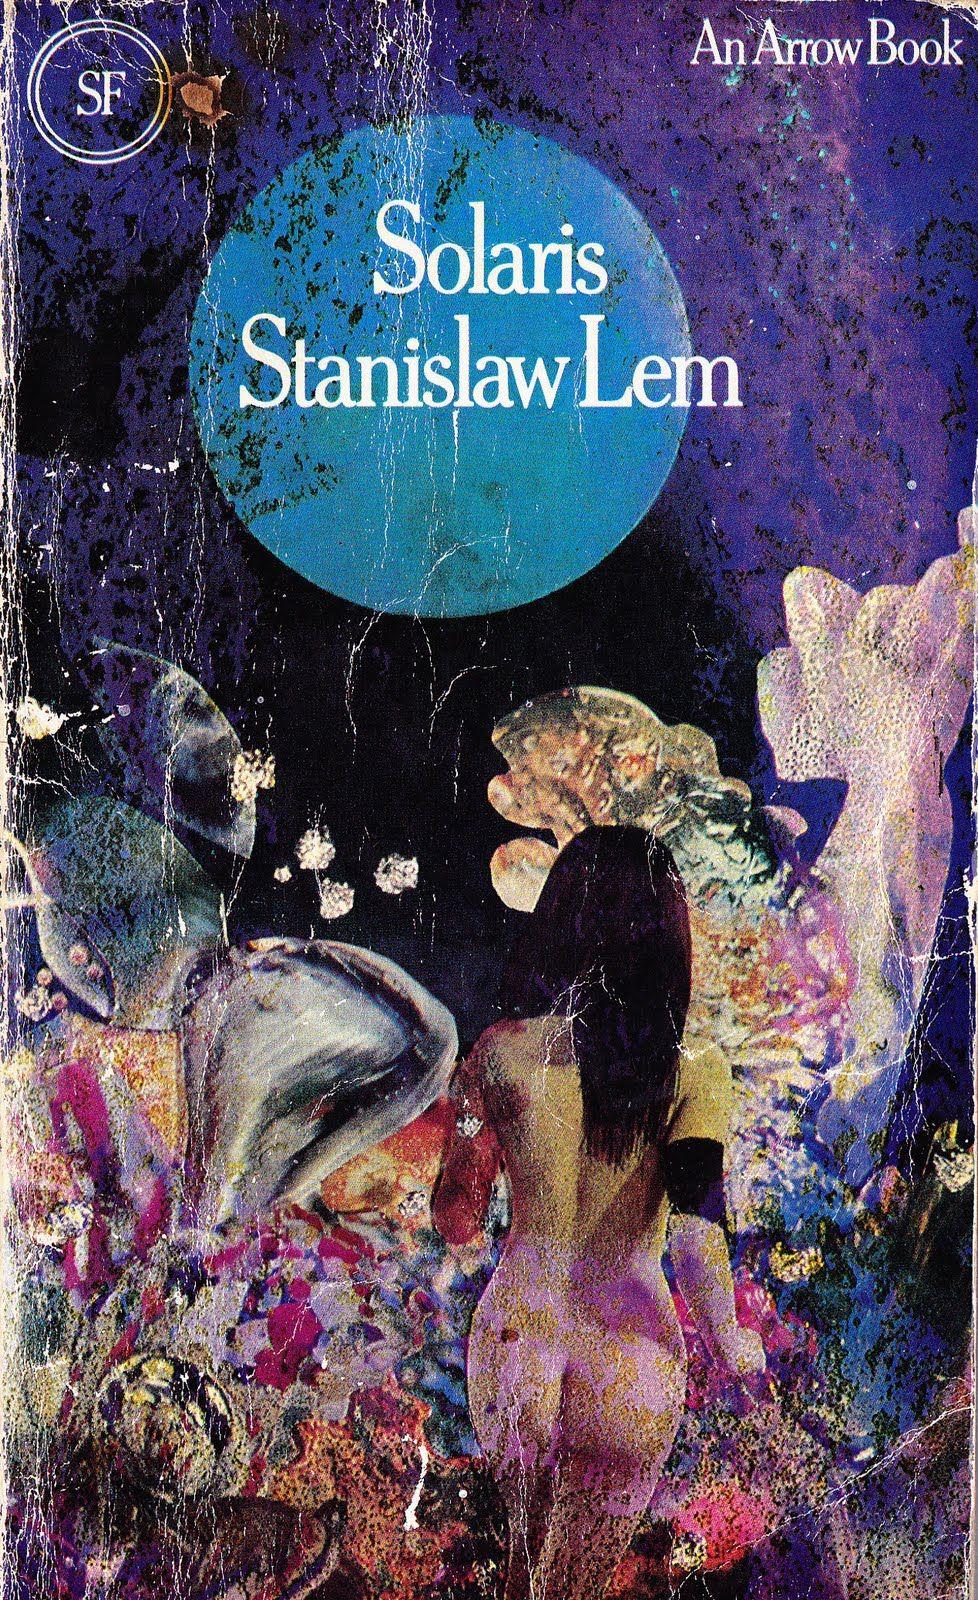 Solaris, Stanislaw Lem.